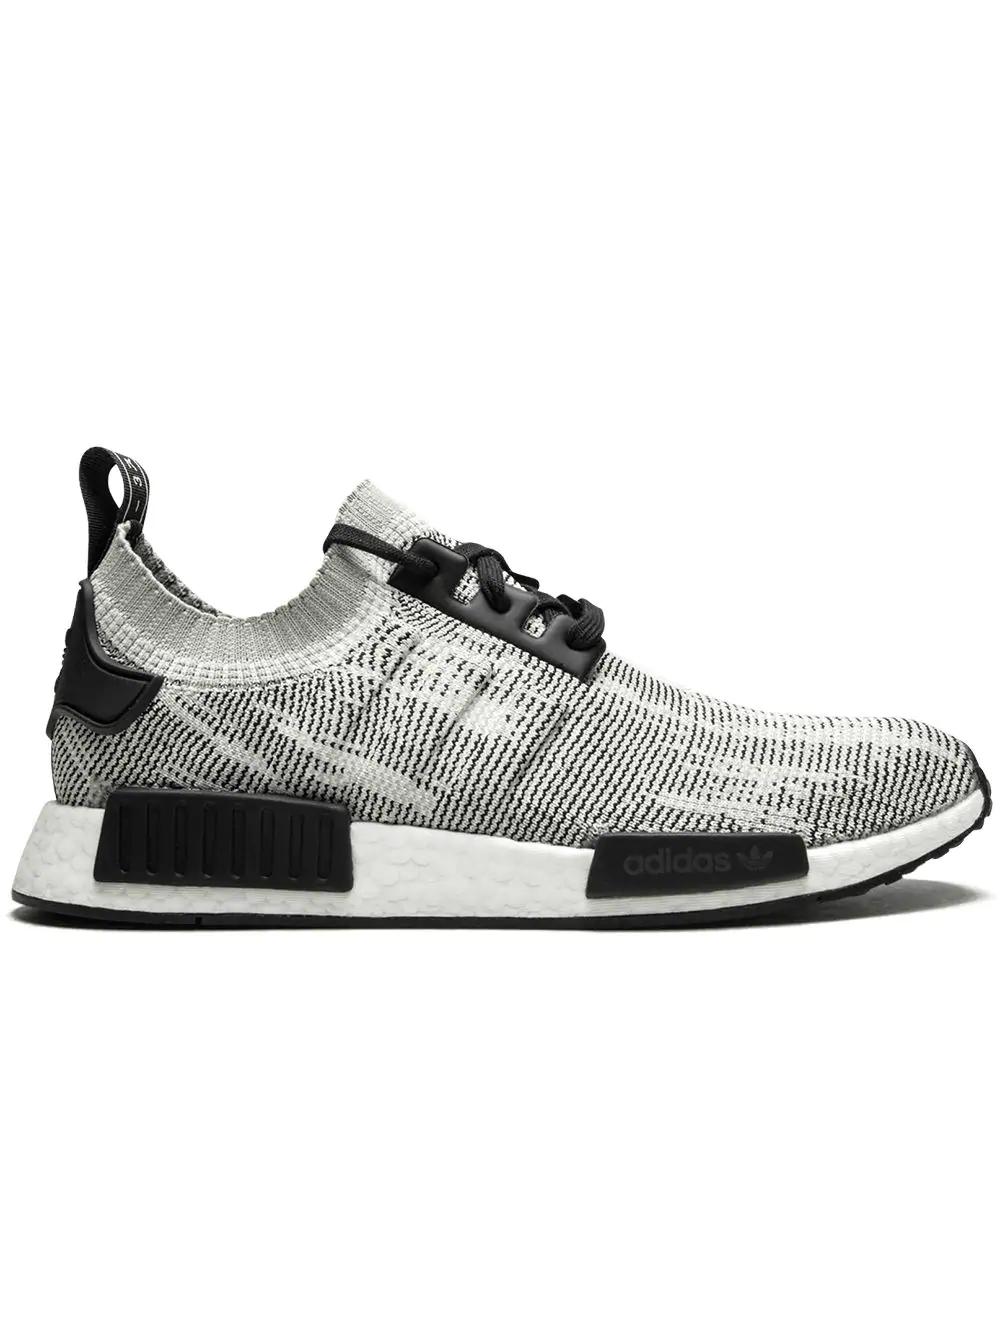 66e34a737da45 Adidas Originals Adidas Nmd R1 Primeknit Sneakers - Grey